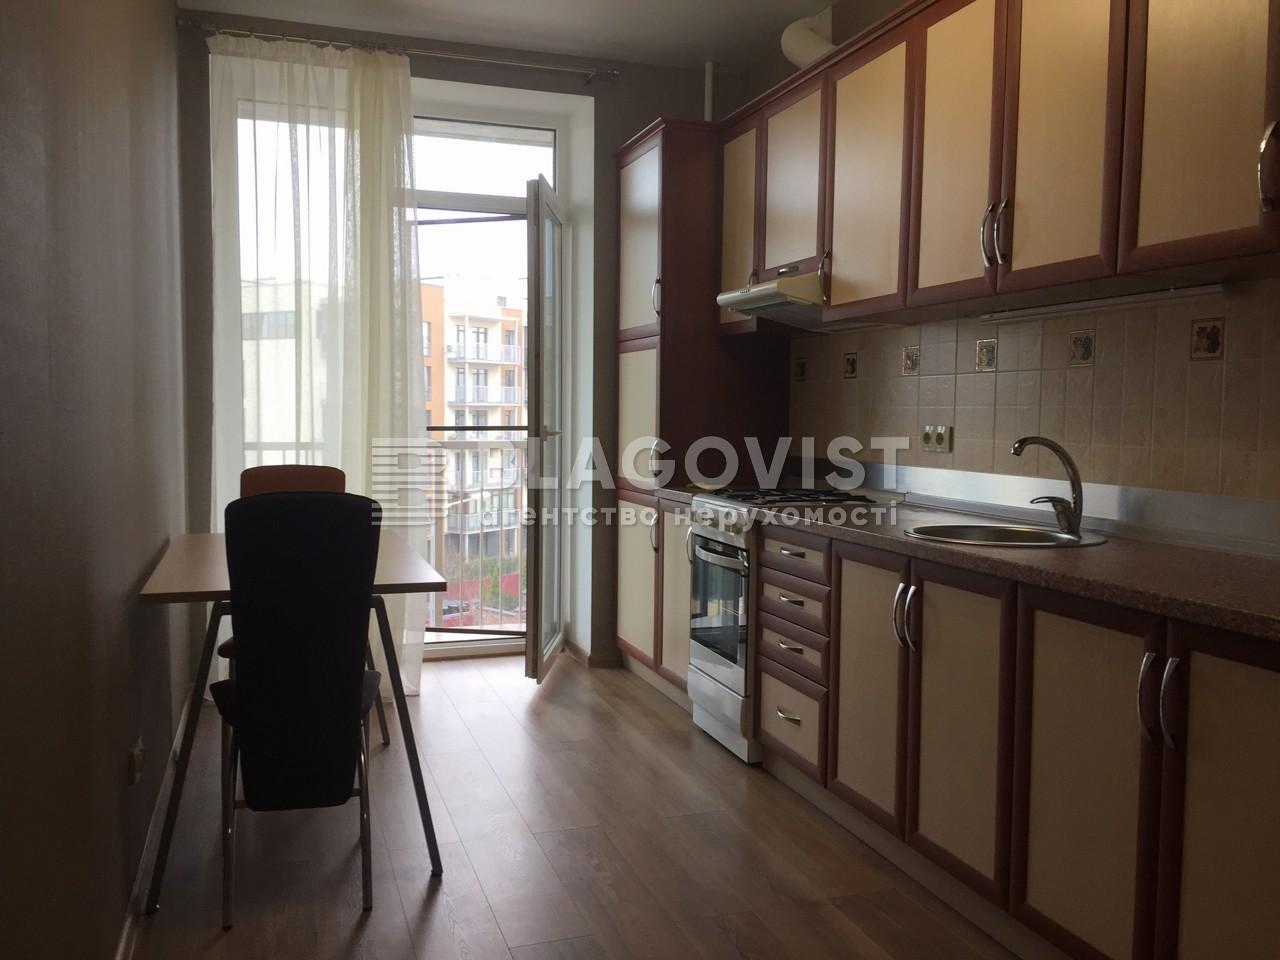 Квартира A-111082, Кавалеридзе Ивана, 11, Киев - Фото 7